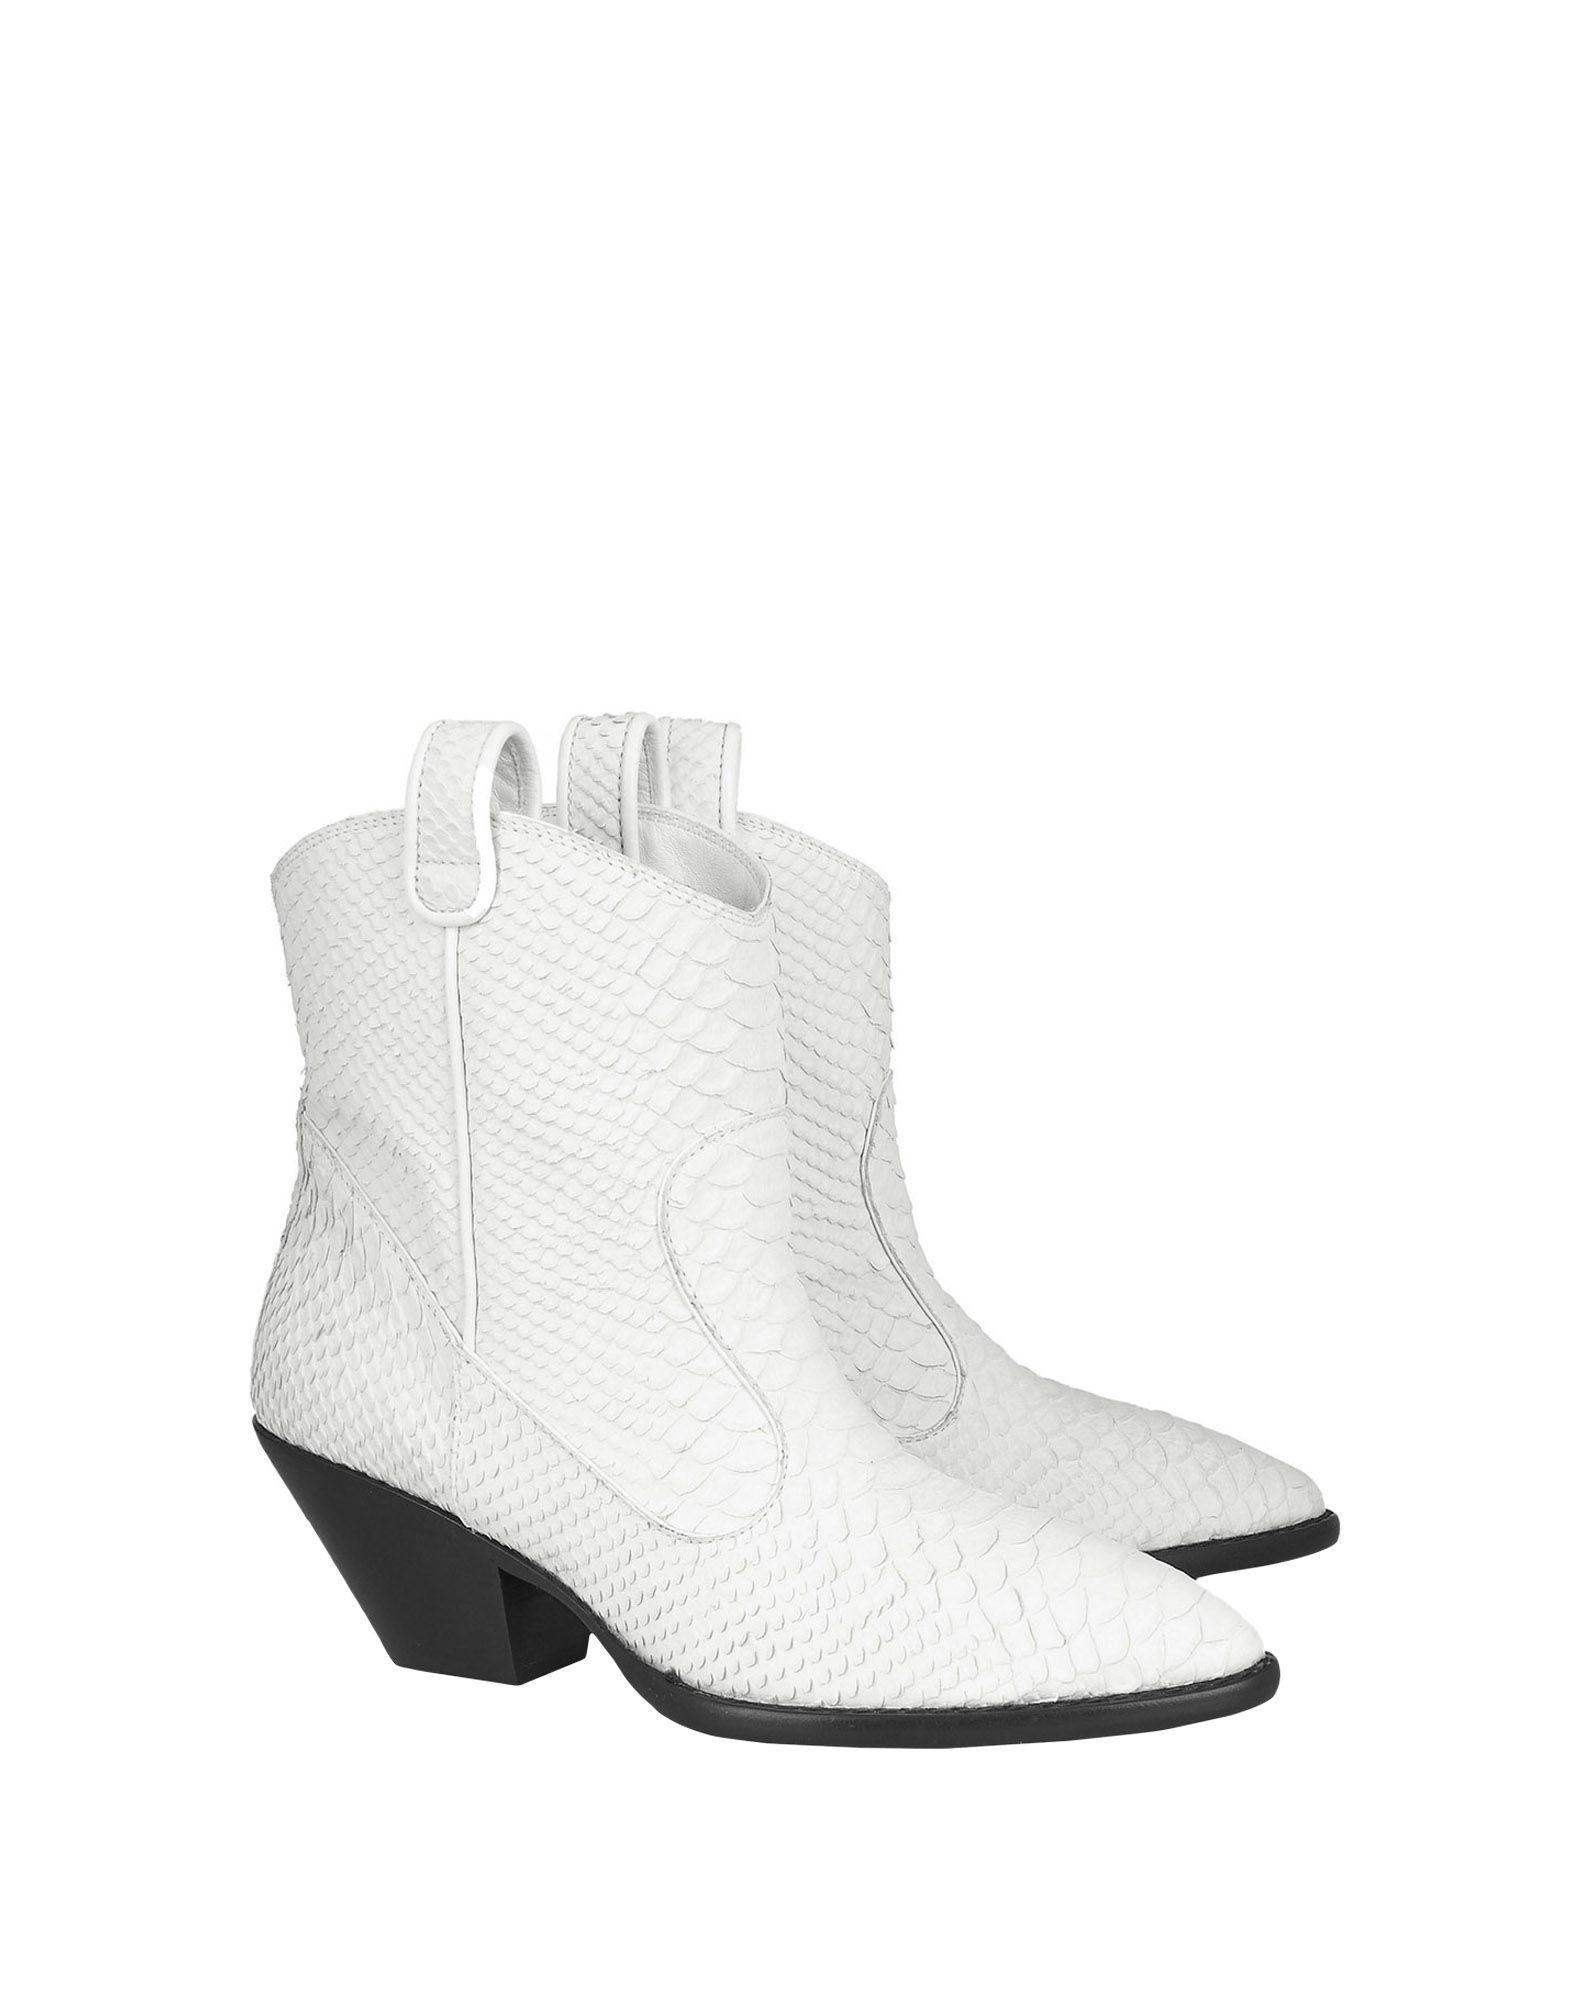 Giuseppe Zanotti Stiefelette Damen  11524372LJGünstige gut aussehende Schuhe